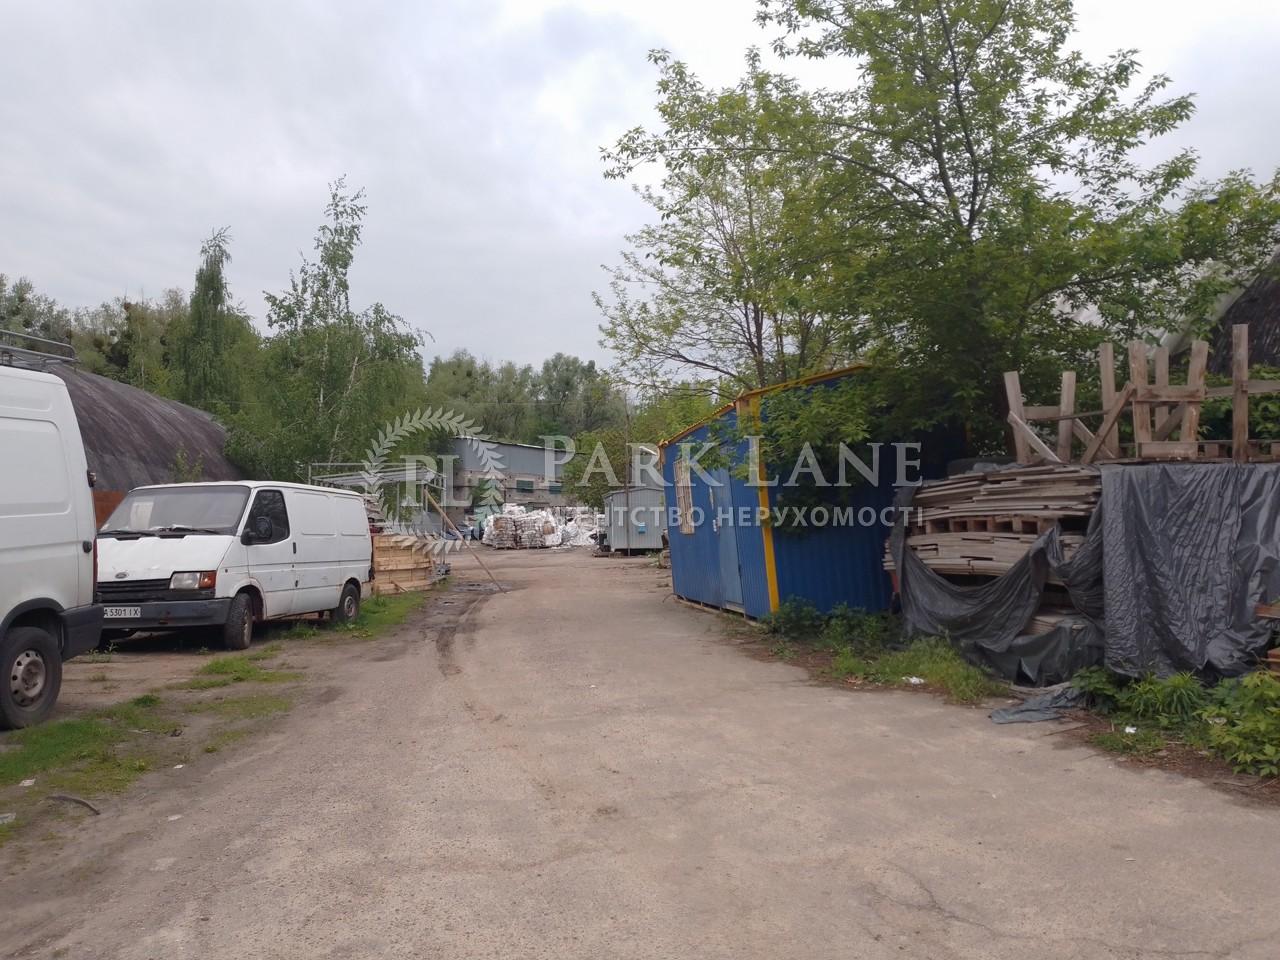 Земельный участок ул. Яблоневая, Киев, I-32935 - Фото 1